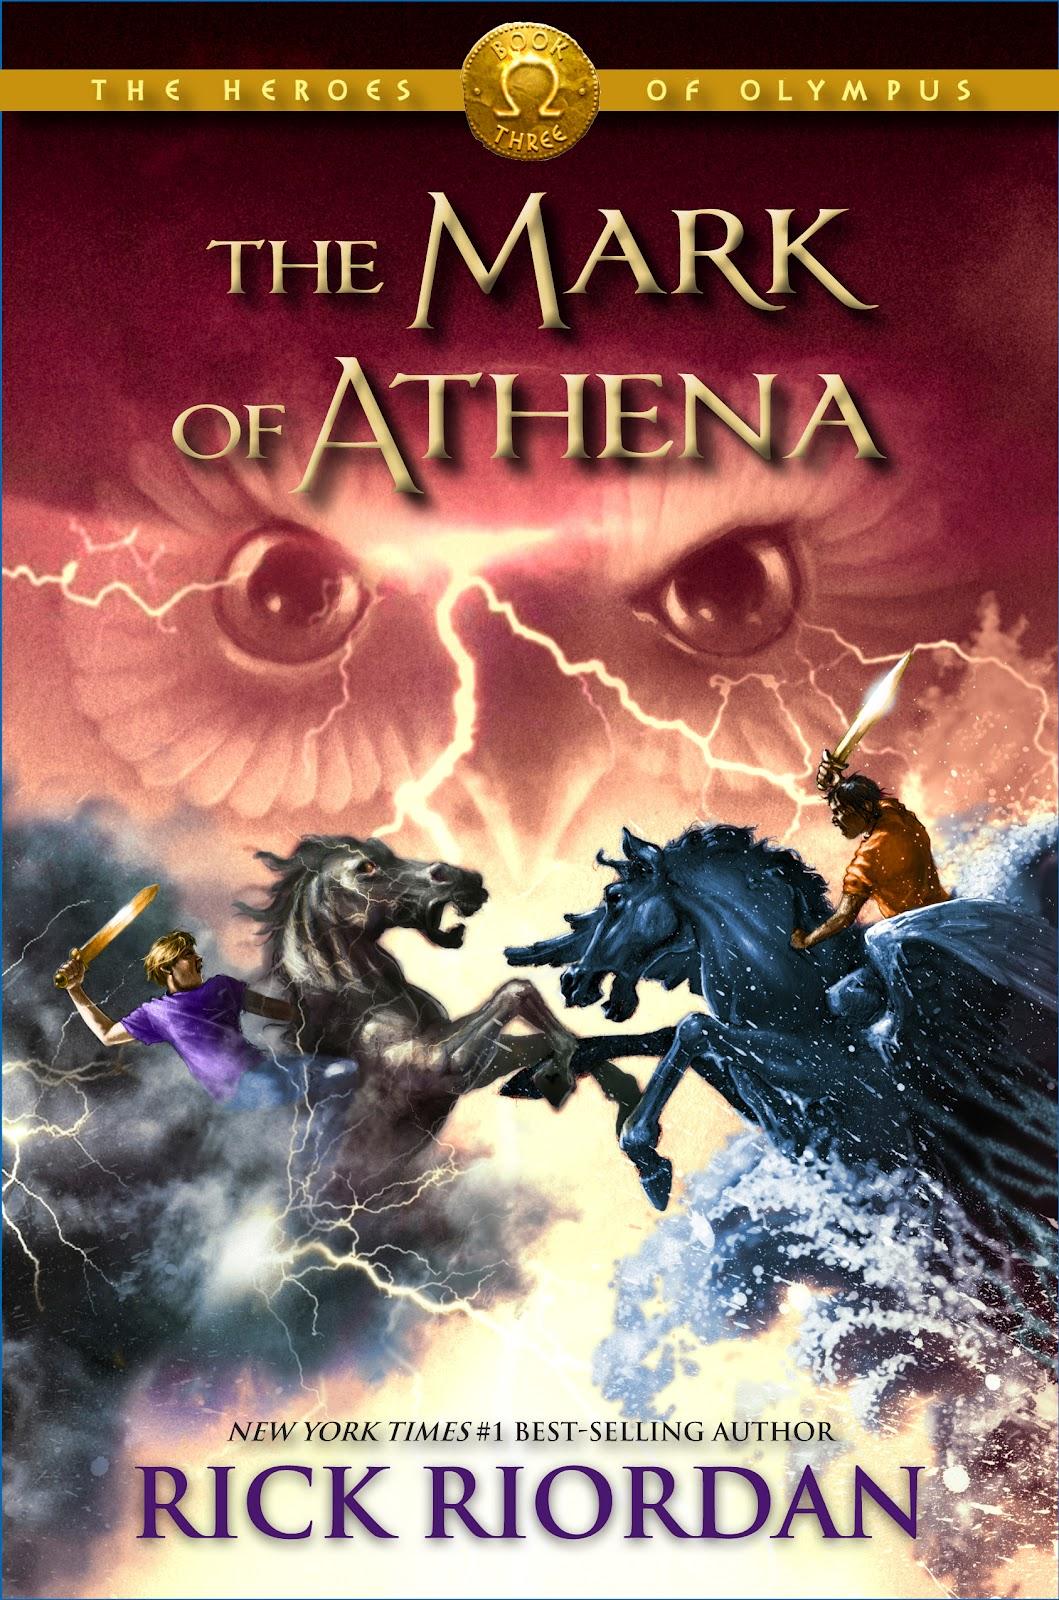 2º Saga (El héroe perdido y El hijo de Neptuno) [Descarga] TheMarkofAthena